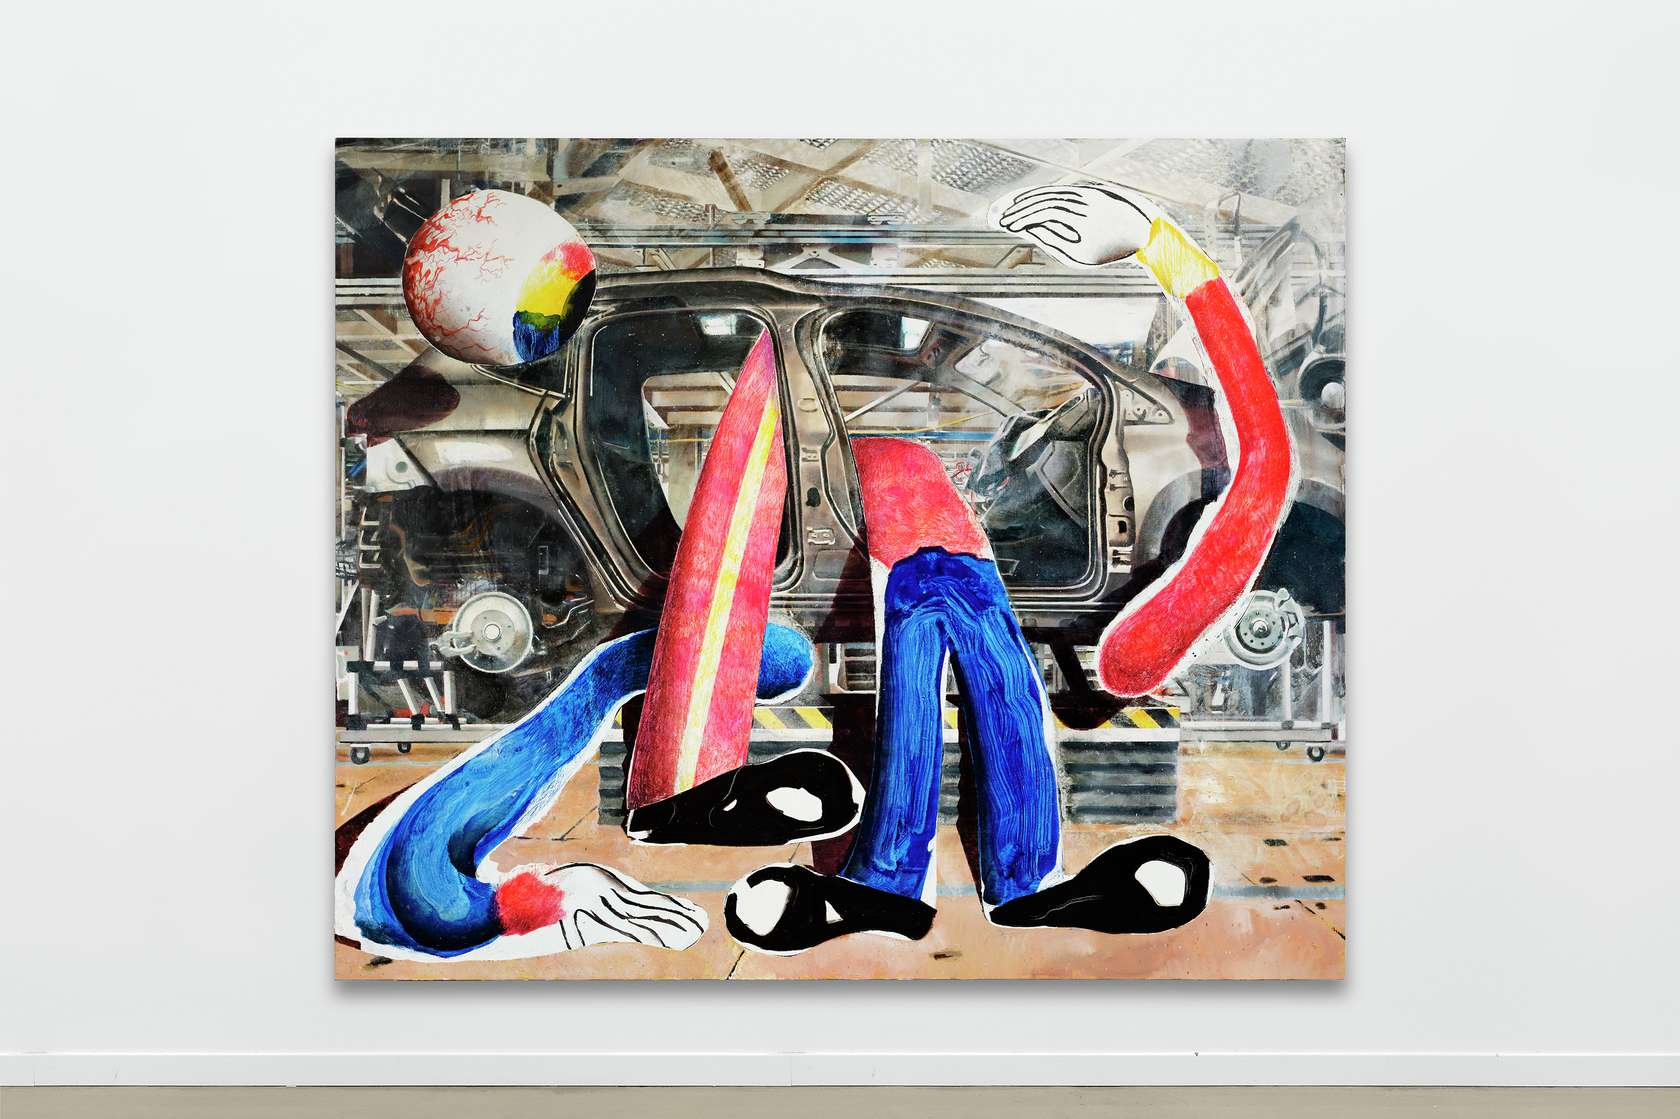 Laurent Proux, Les opérateurs, 2018 Huile sur toile240 × 200 cm / 94 1/2 × 78 6/8 in.